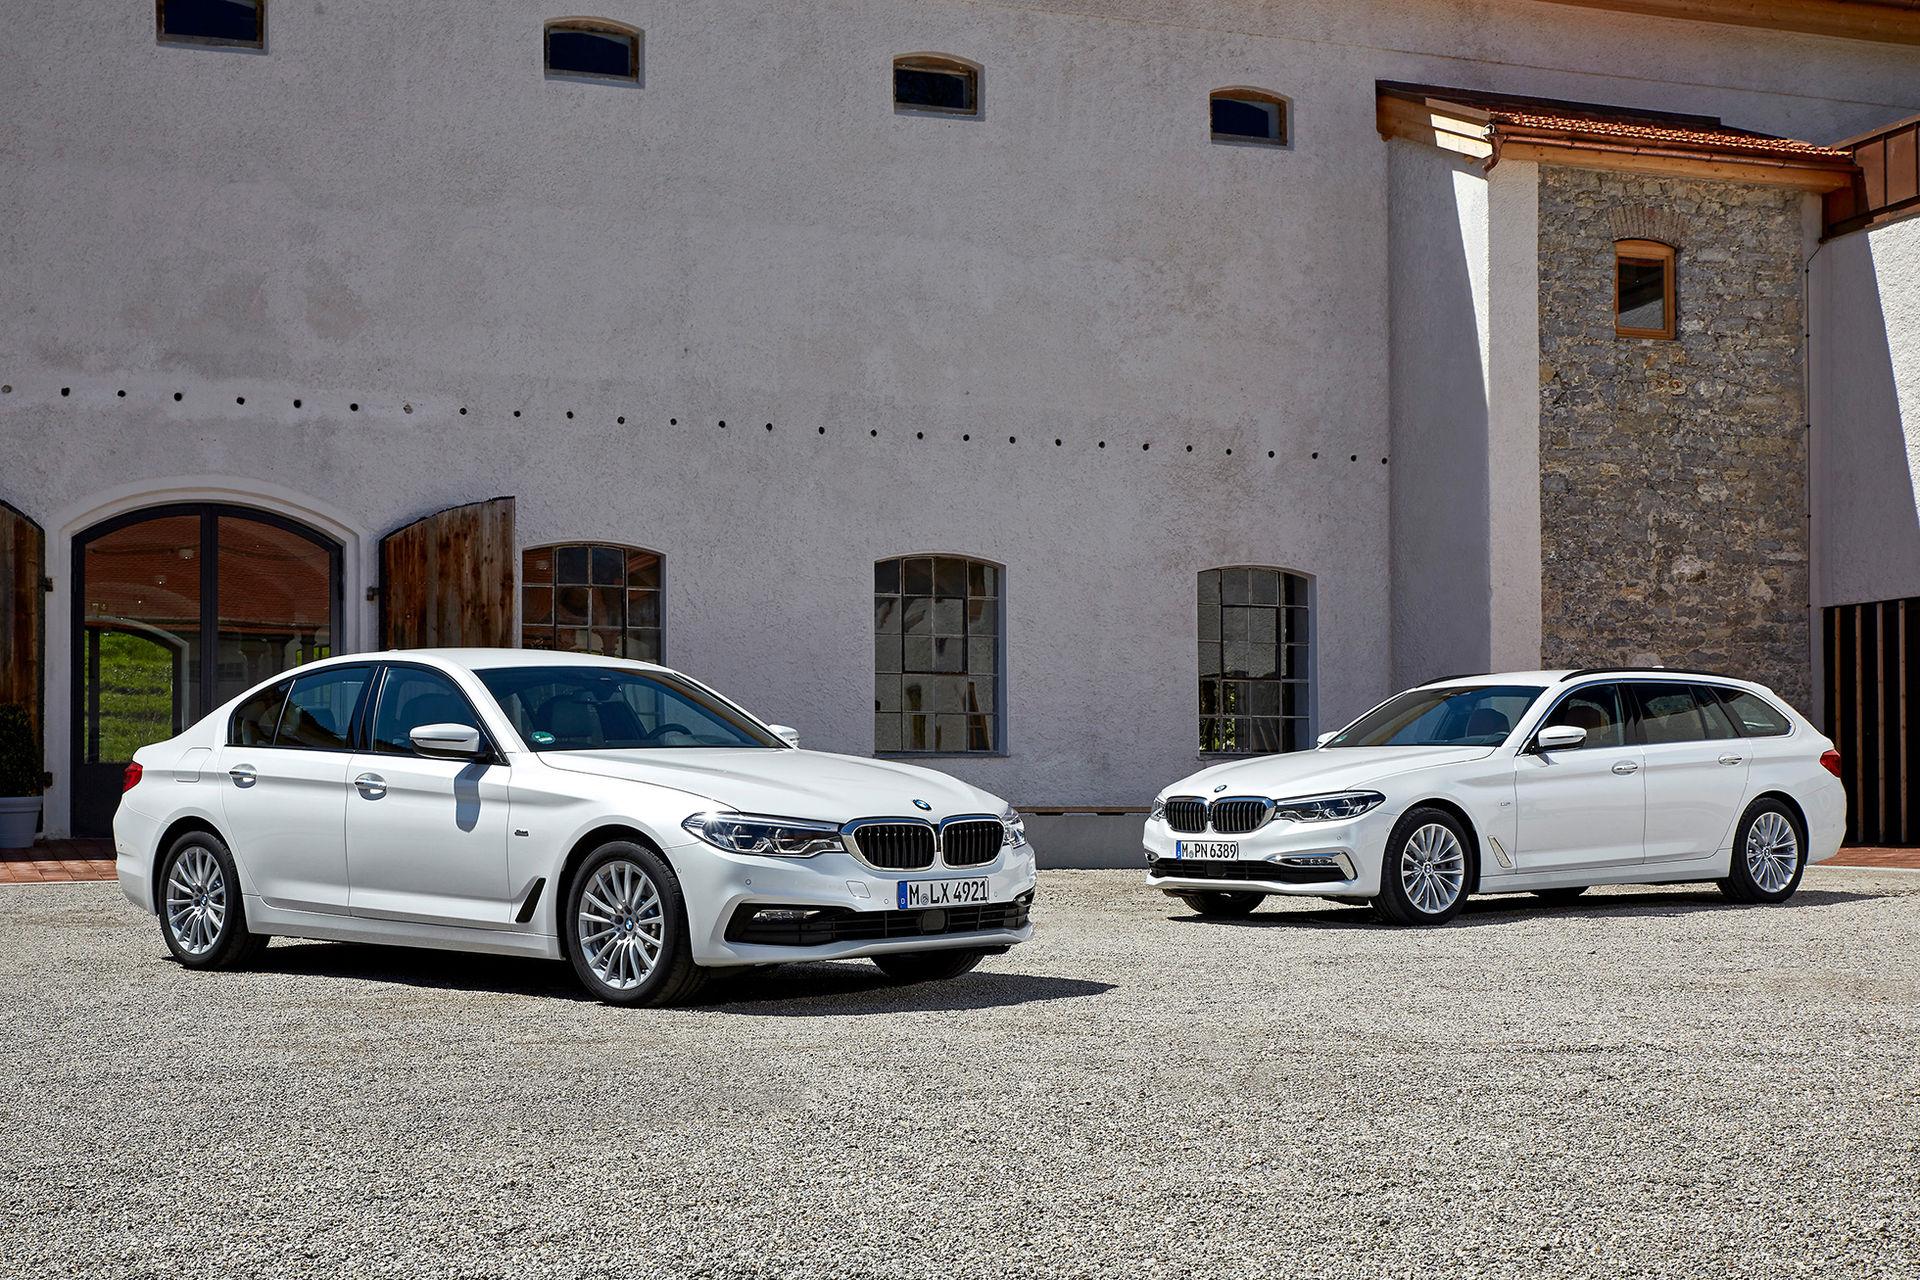 BMW 5-serie går nu att få som mildhybrid